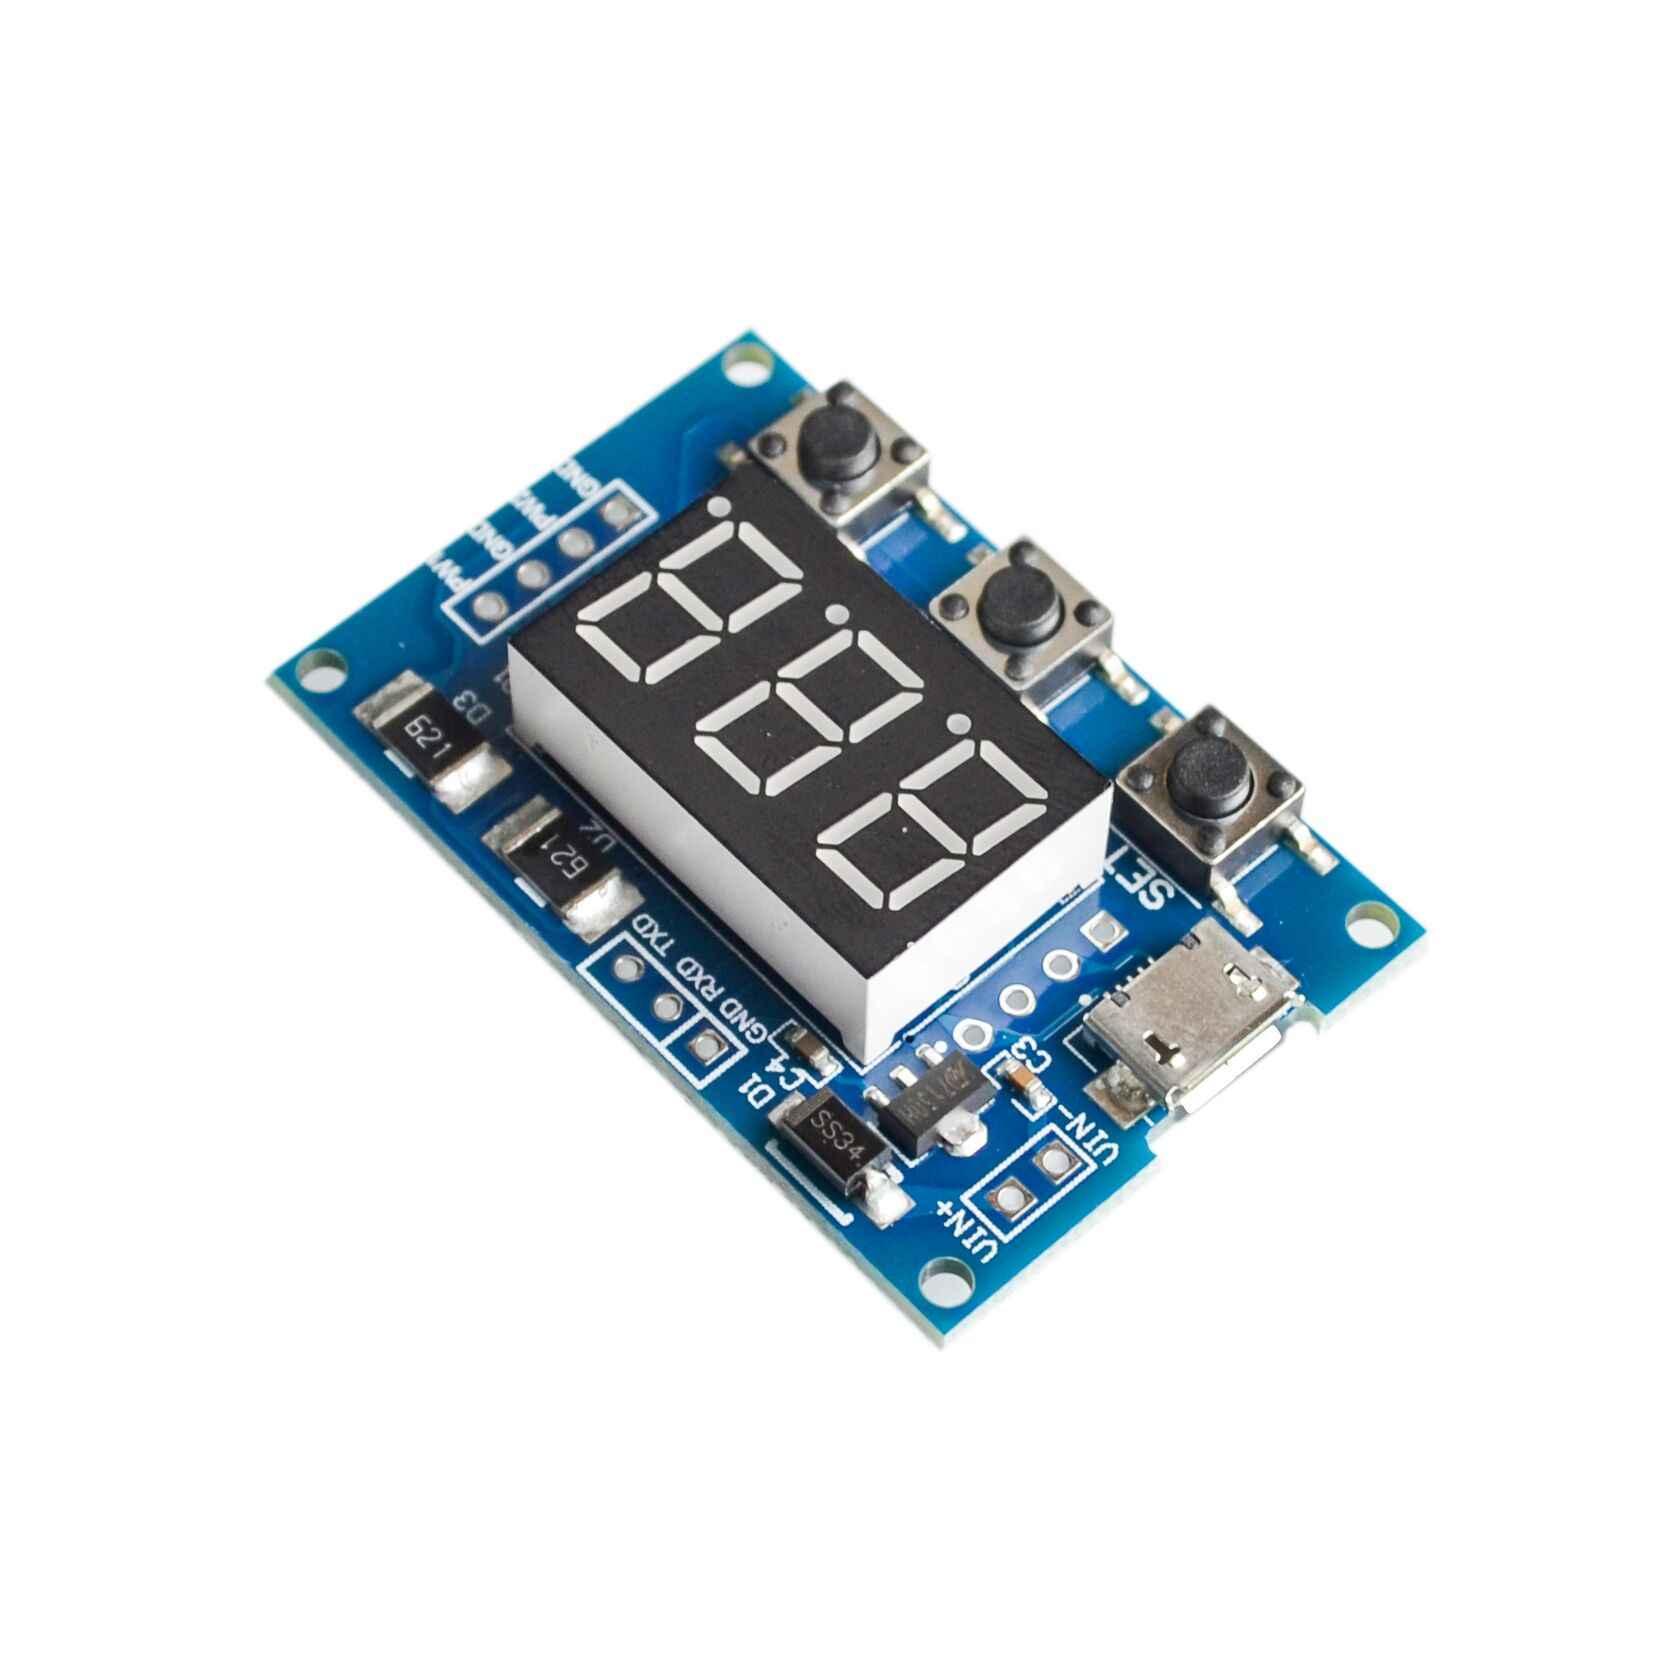 DC PWM Máy Phát Tín Hiệu Micro USB 2CH Điều Chỉnh Chu Kỳ Nhiệm Vụ Xung Tần Số Đèn LED Hiển Thị Kỹ Thuật Số Ống DC 5V 12V 24V 1Hz ~ 150KHz